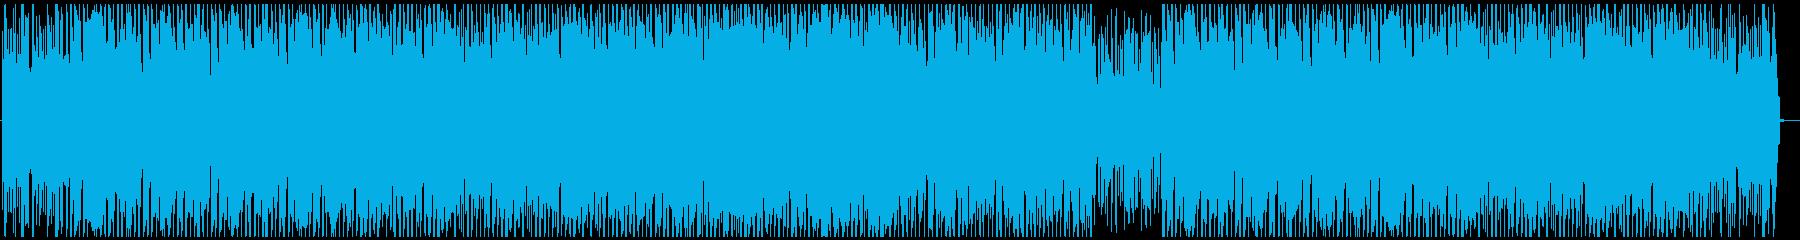 カントリーブルーグラス研究所弾むよ...の再生済みの波形